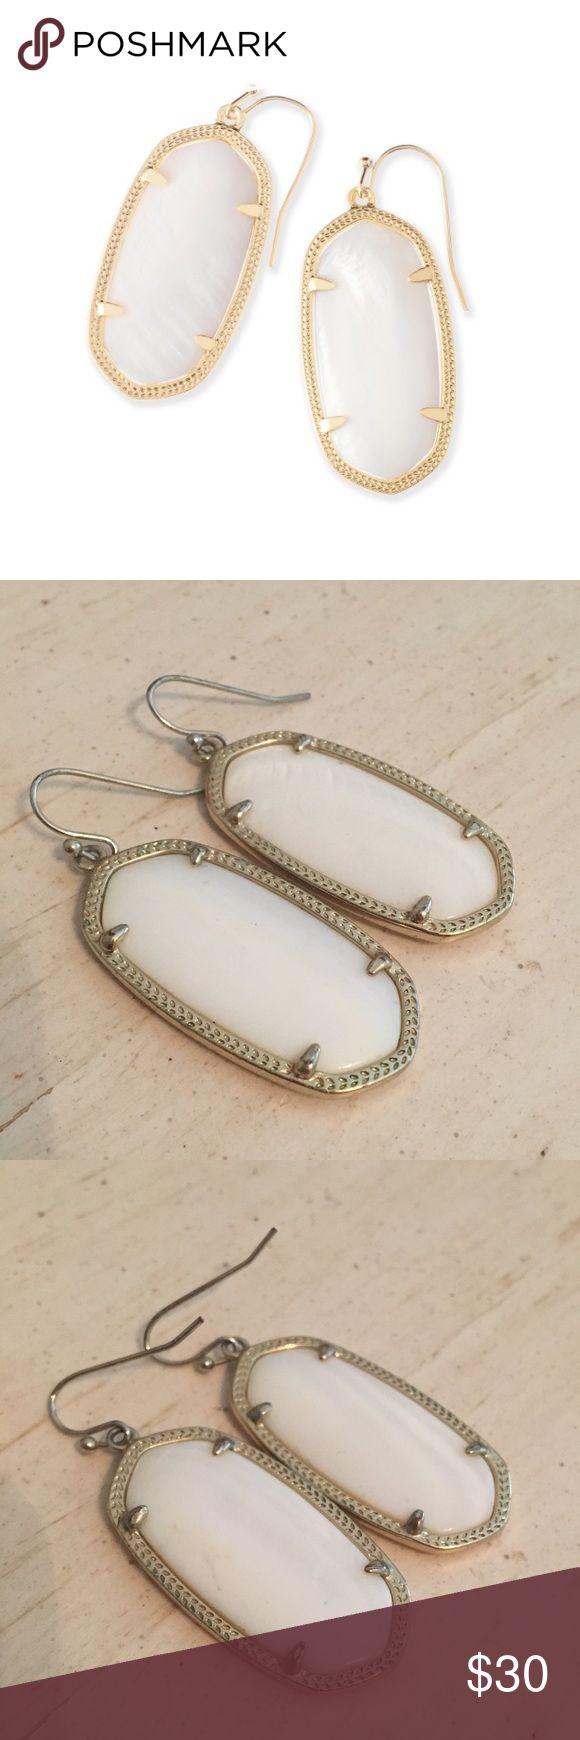 """Kendra Scott earrings! Kendra Scott """"Elle"""" earrings in gold and white pearl Kendra Scott Jewelry Earrings"""